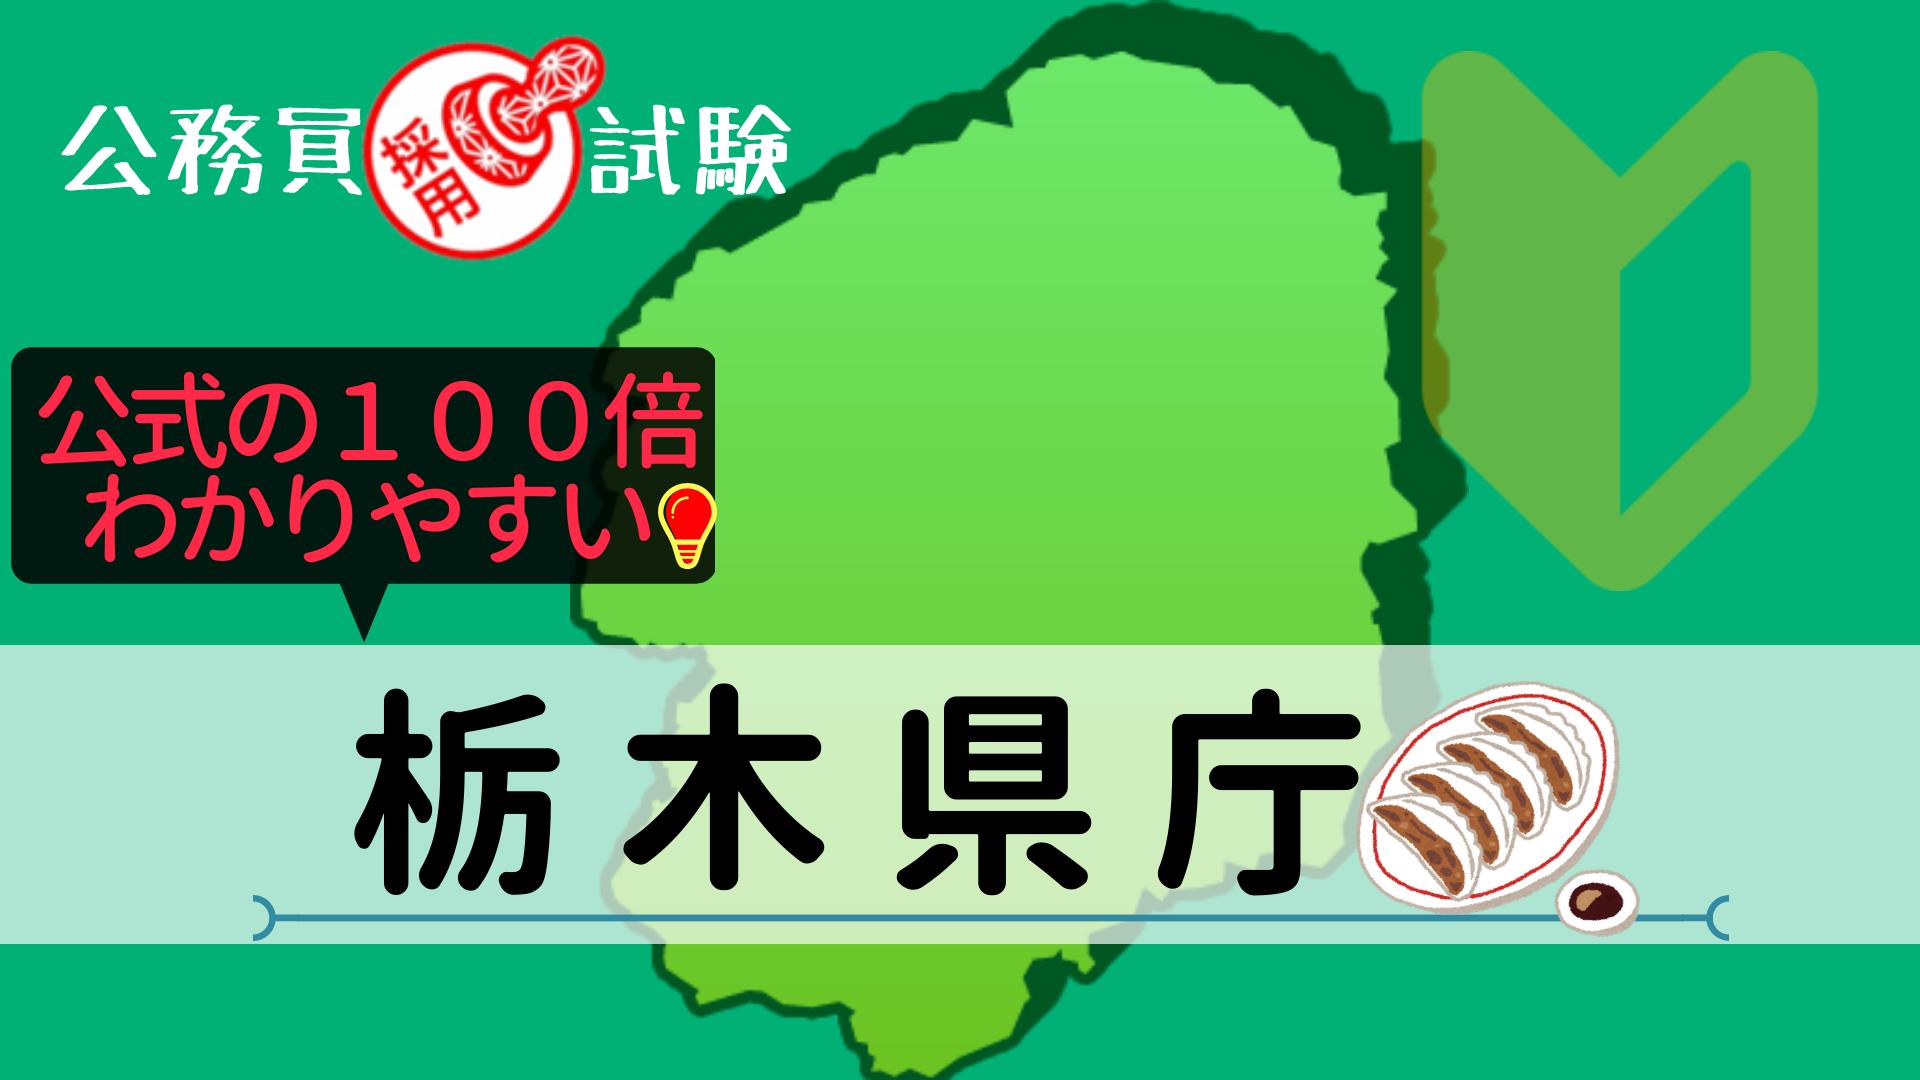 栃木県庁の公務員採用試験について